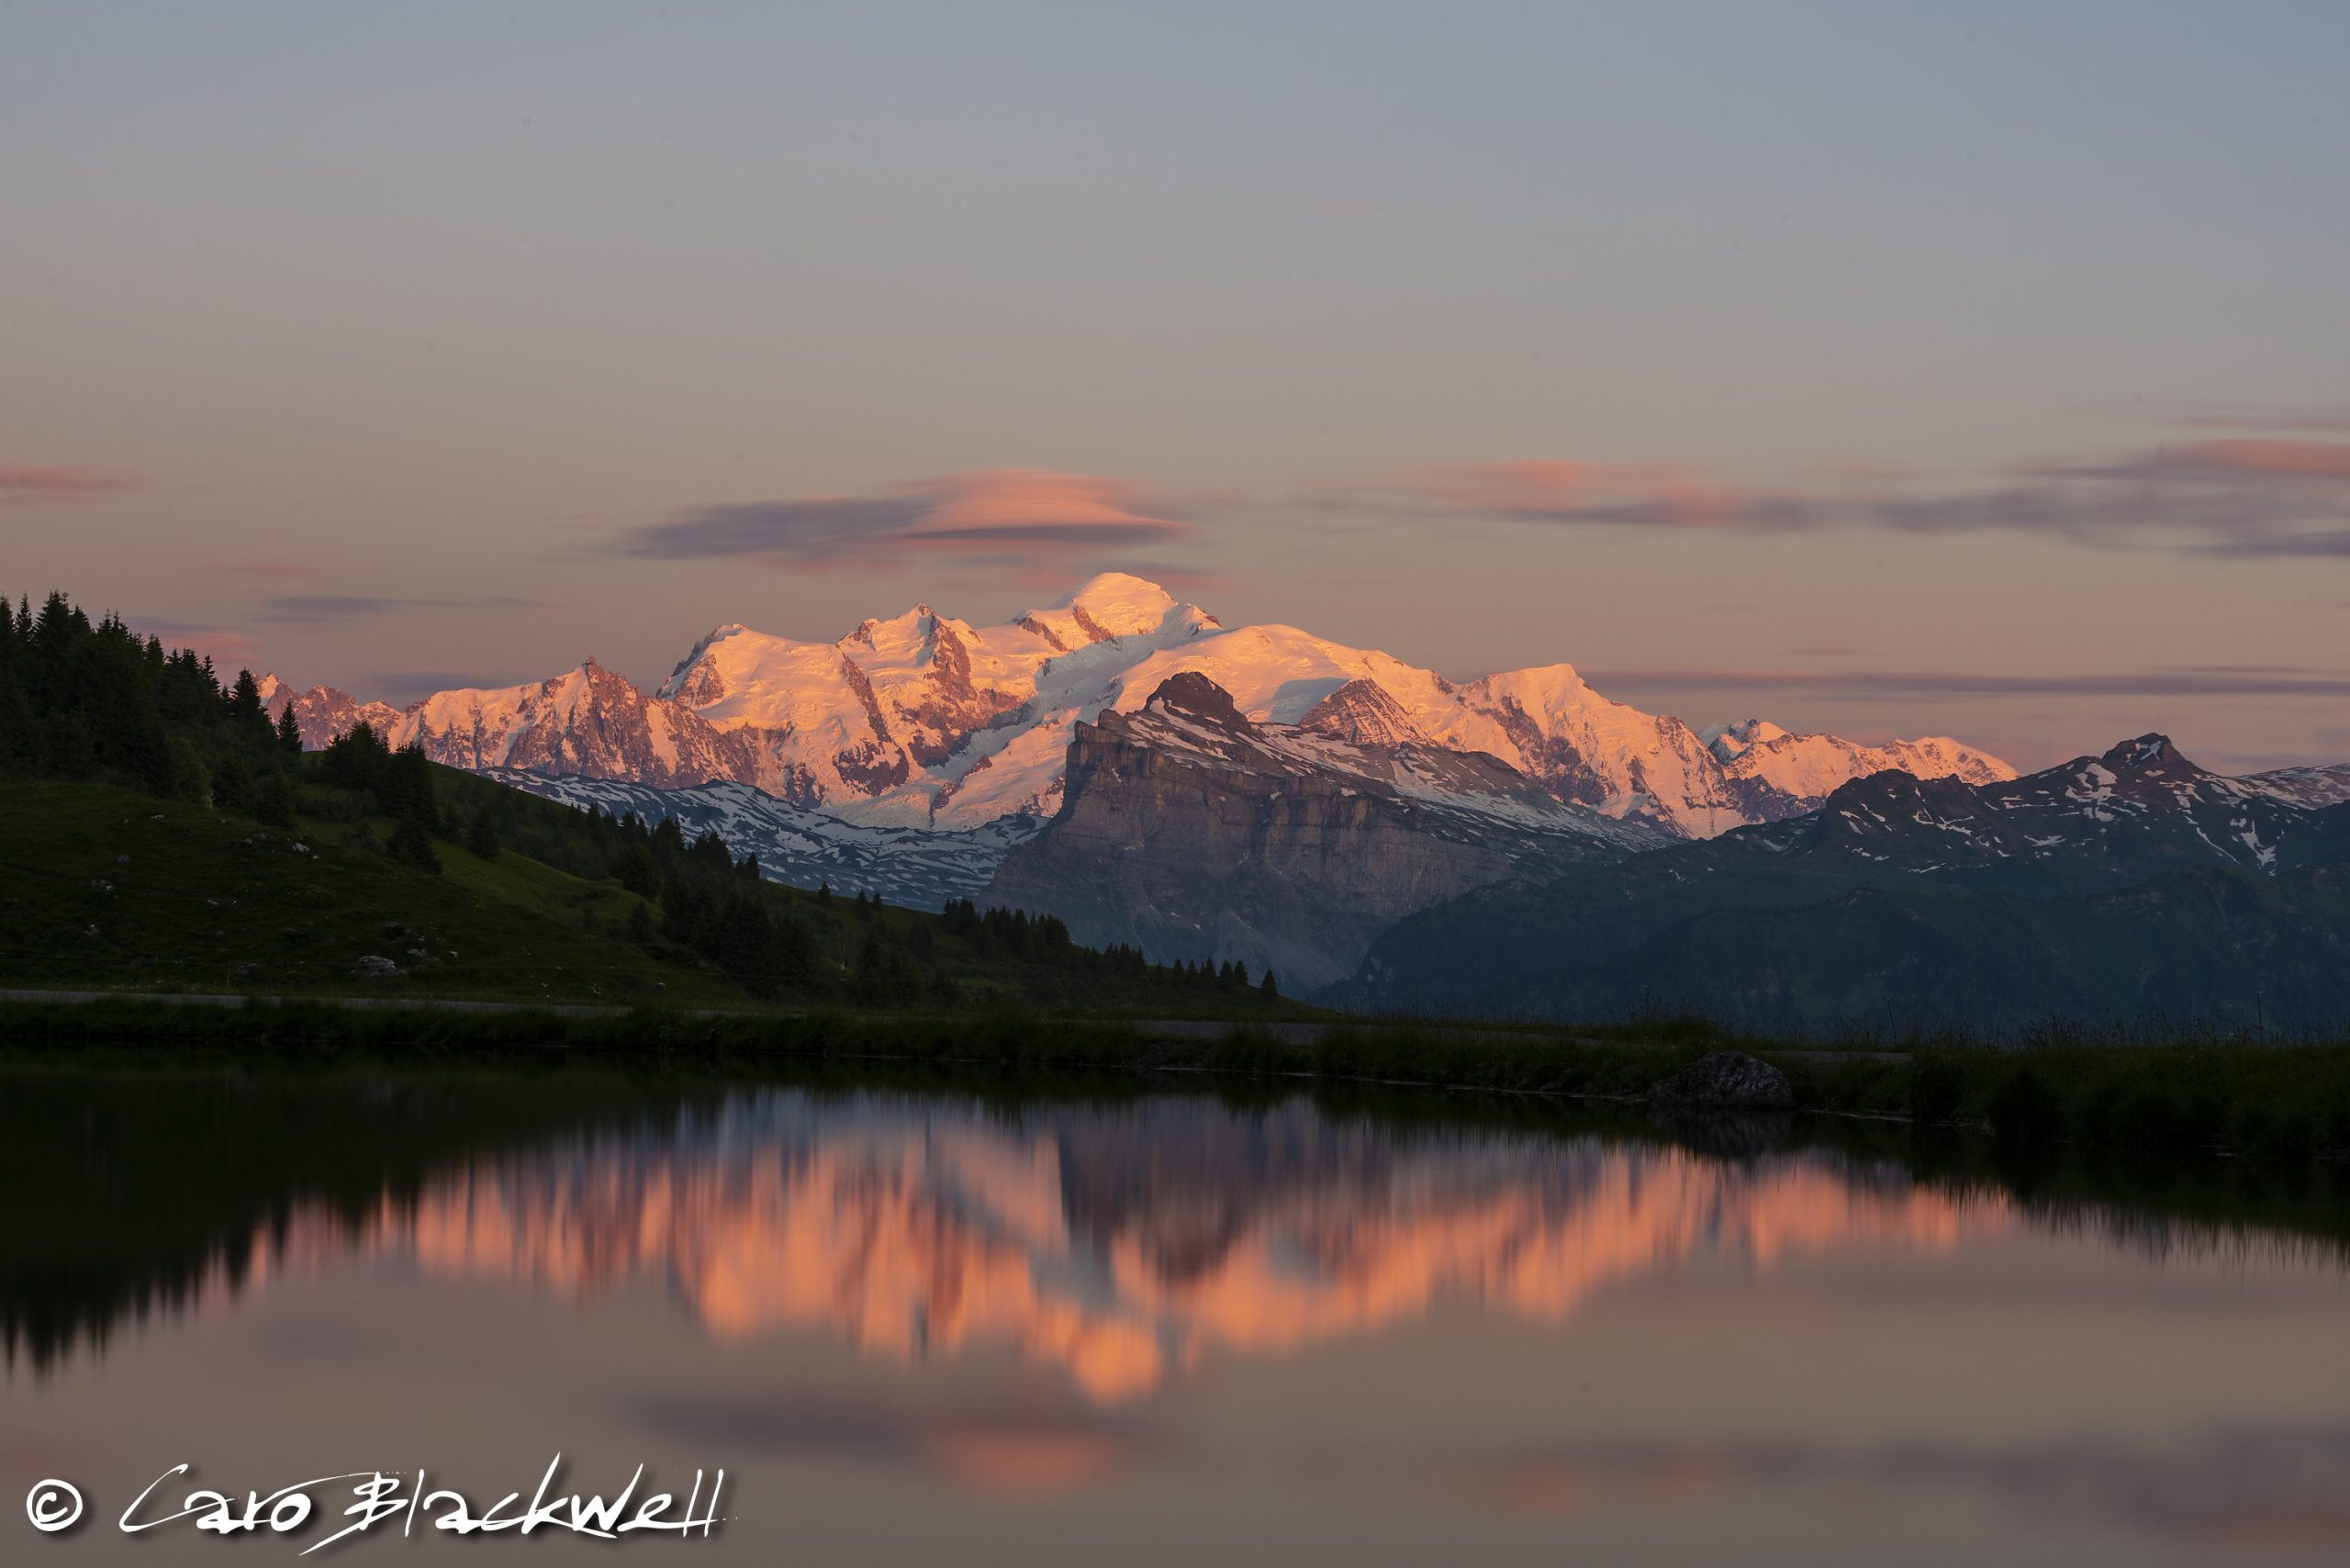 Mont Blanc Sunset - Caro Blackwell Photography